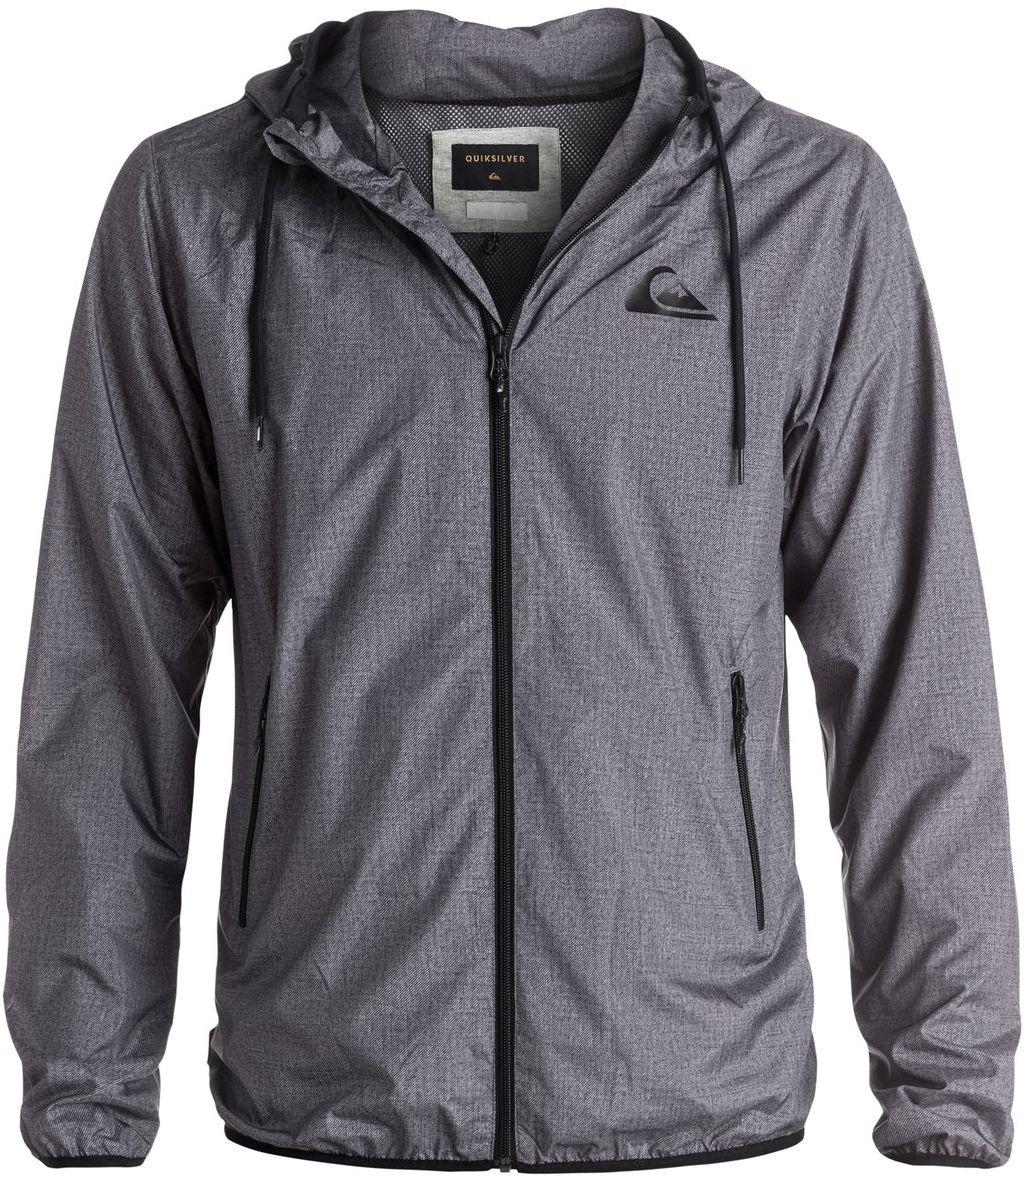 Куртка мужская Quiksilver, цвет: серый. EQYJK03238-KTFH. Размер XXL (54/56) quiksilver куртка утепленная мужская quiksilver mission